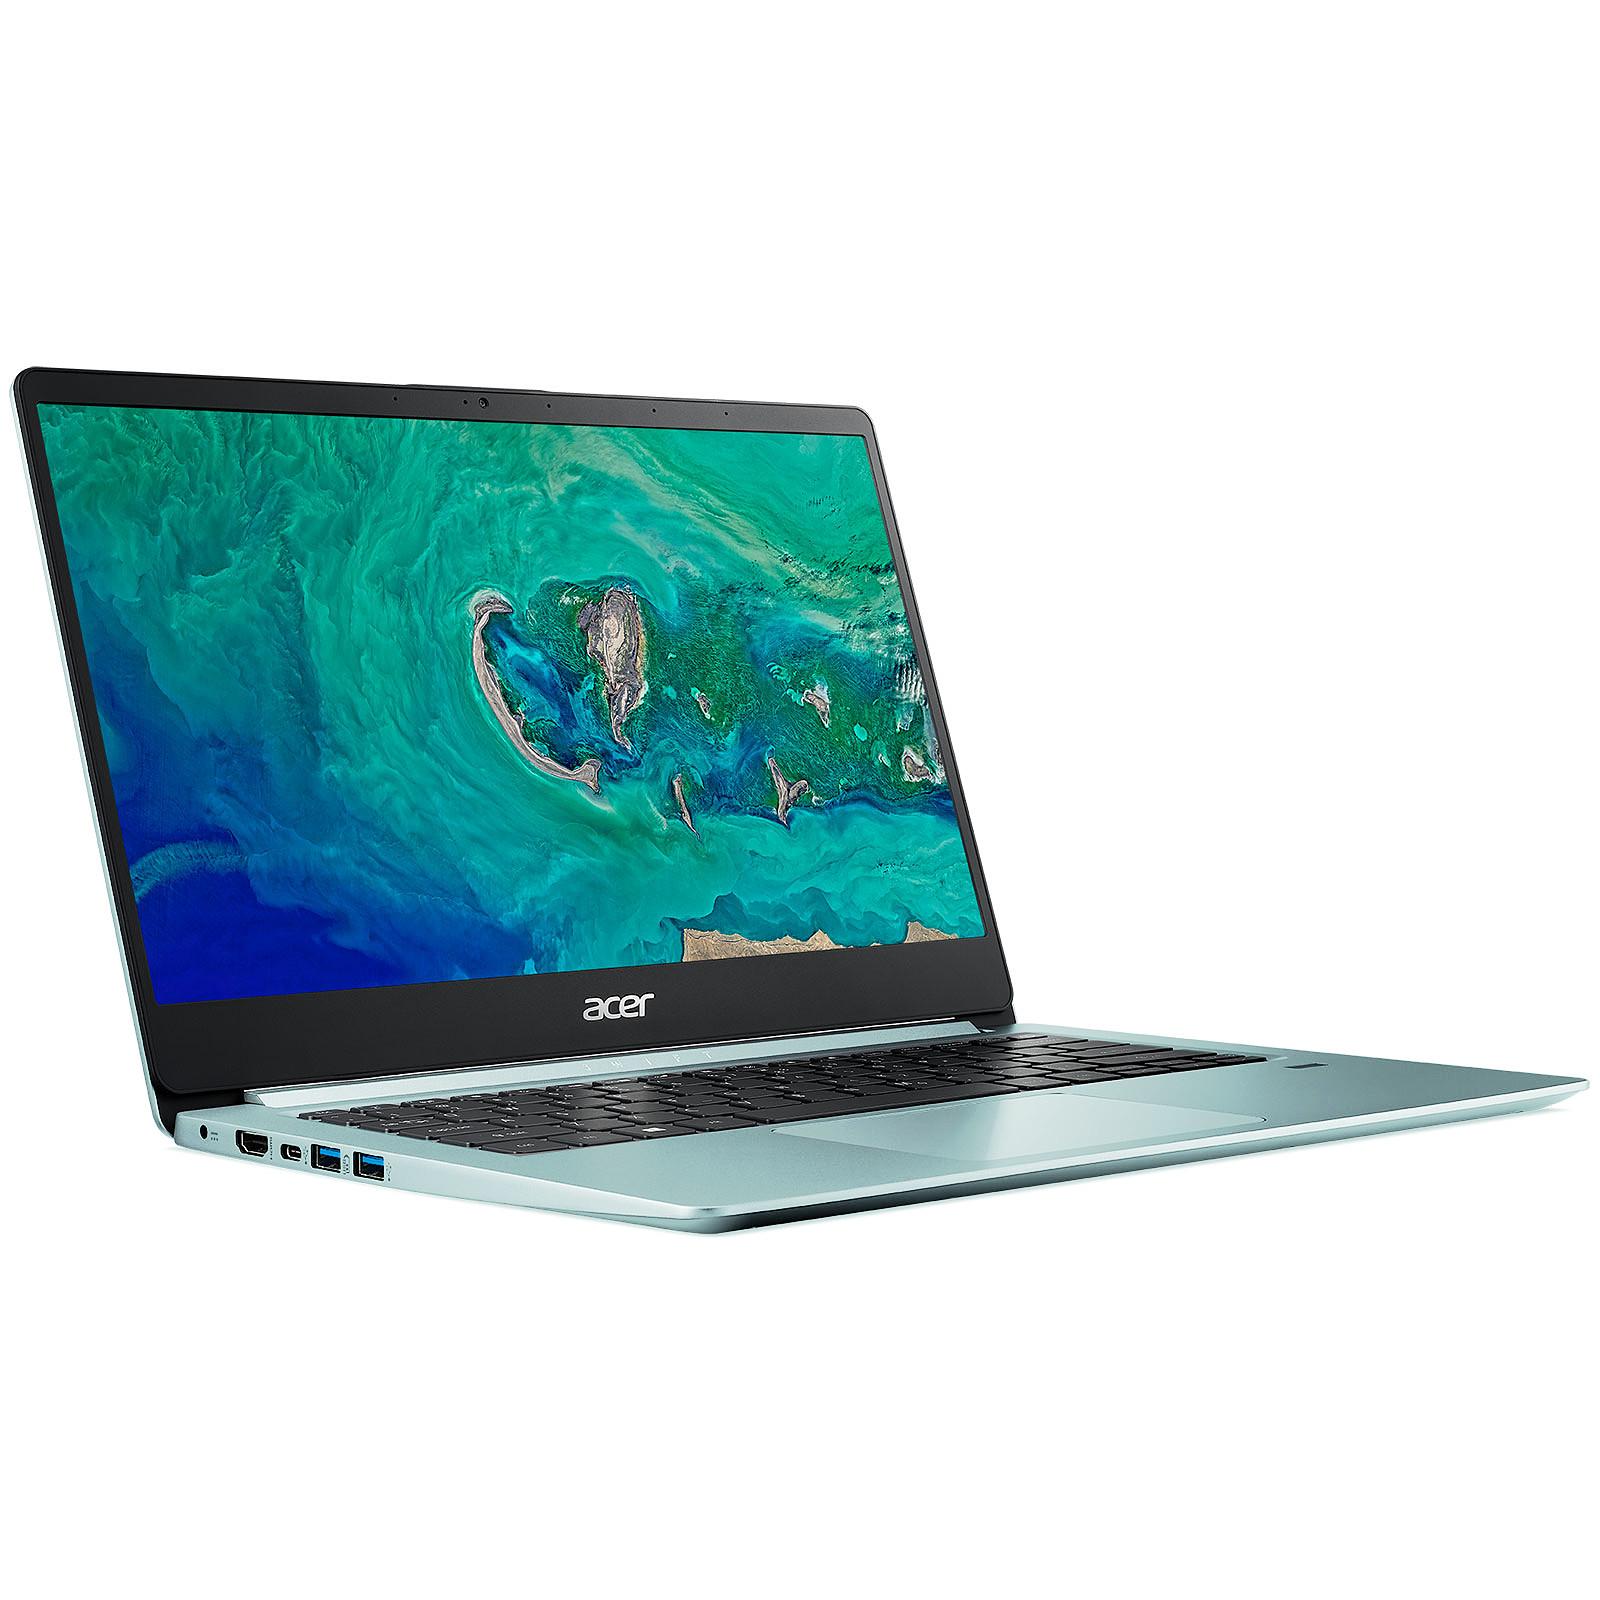 Acer Swift 1 SF114-32-P5EC Vert d'eau